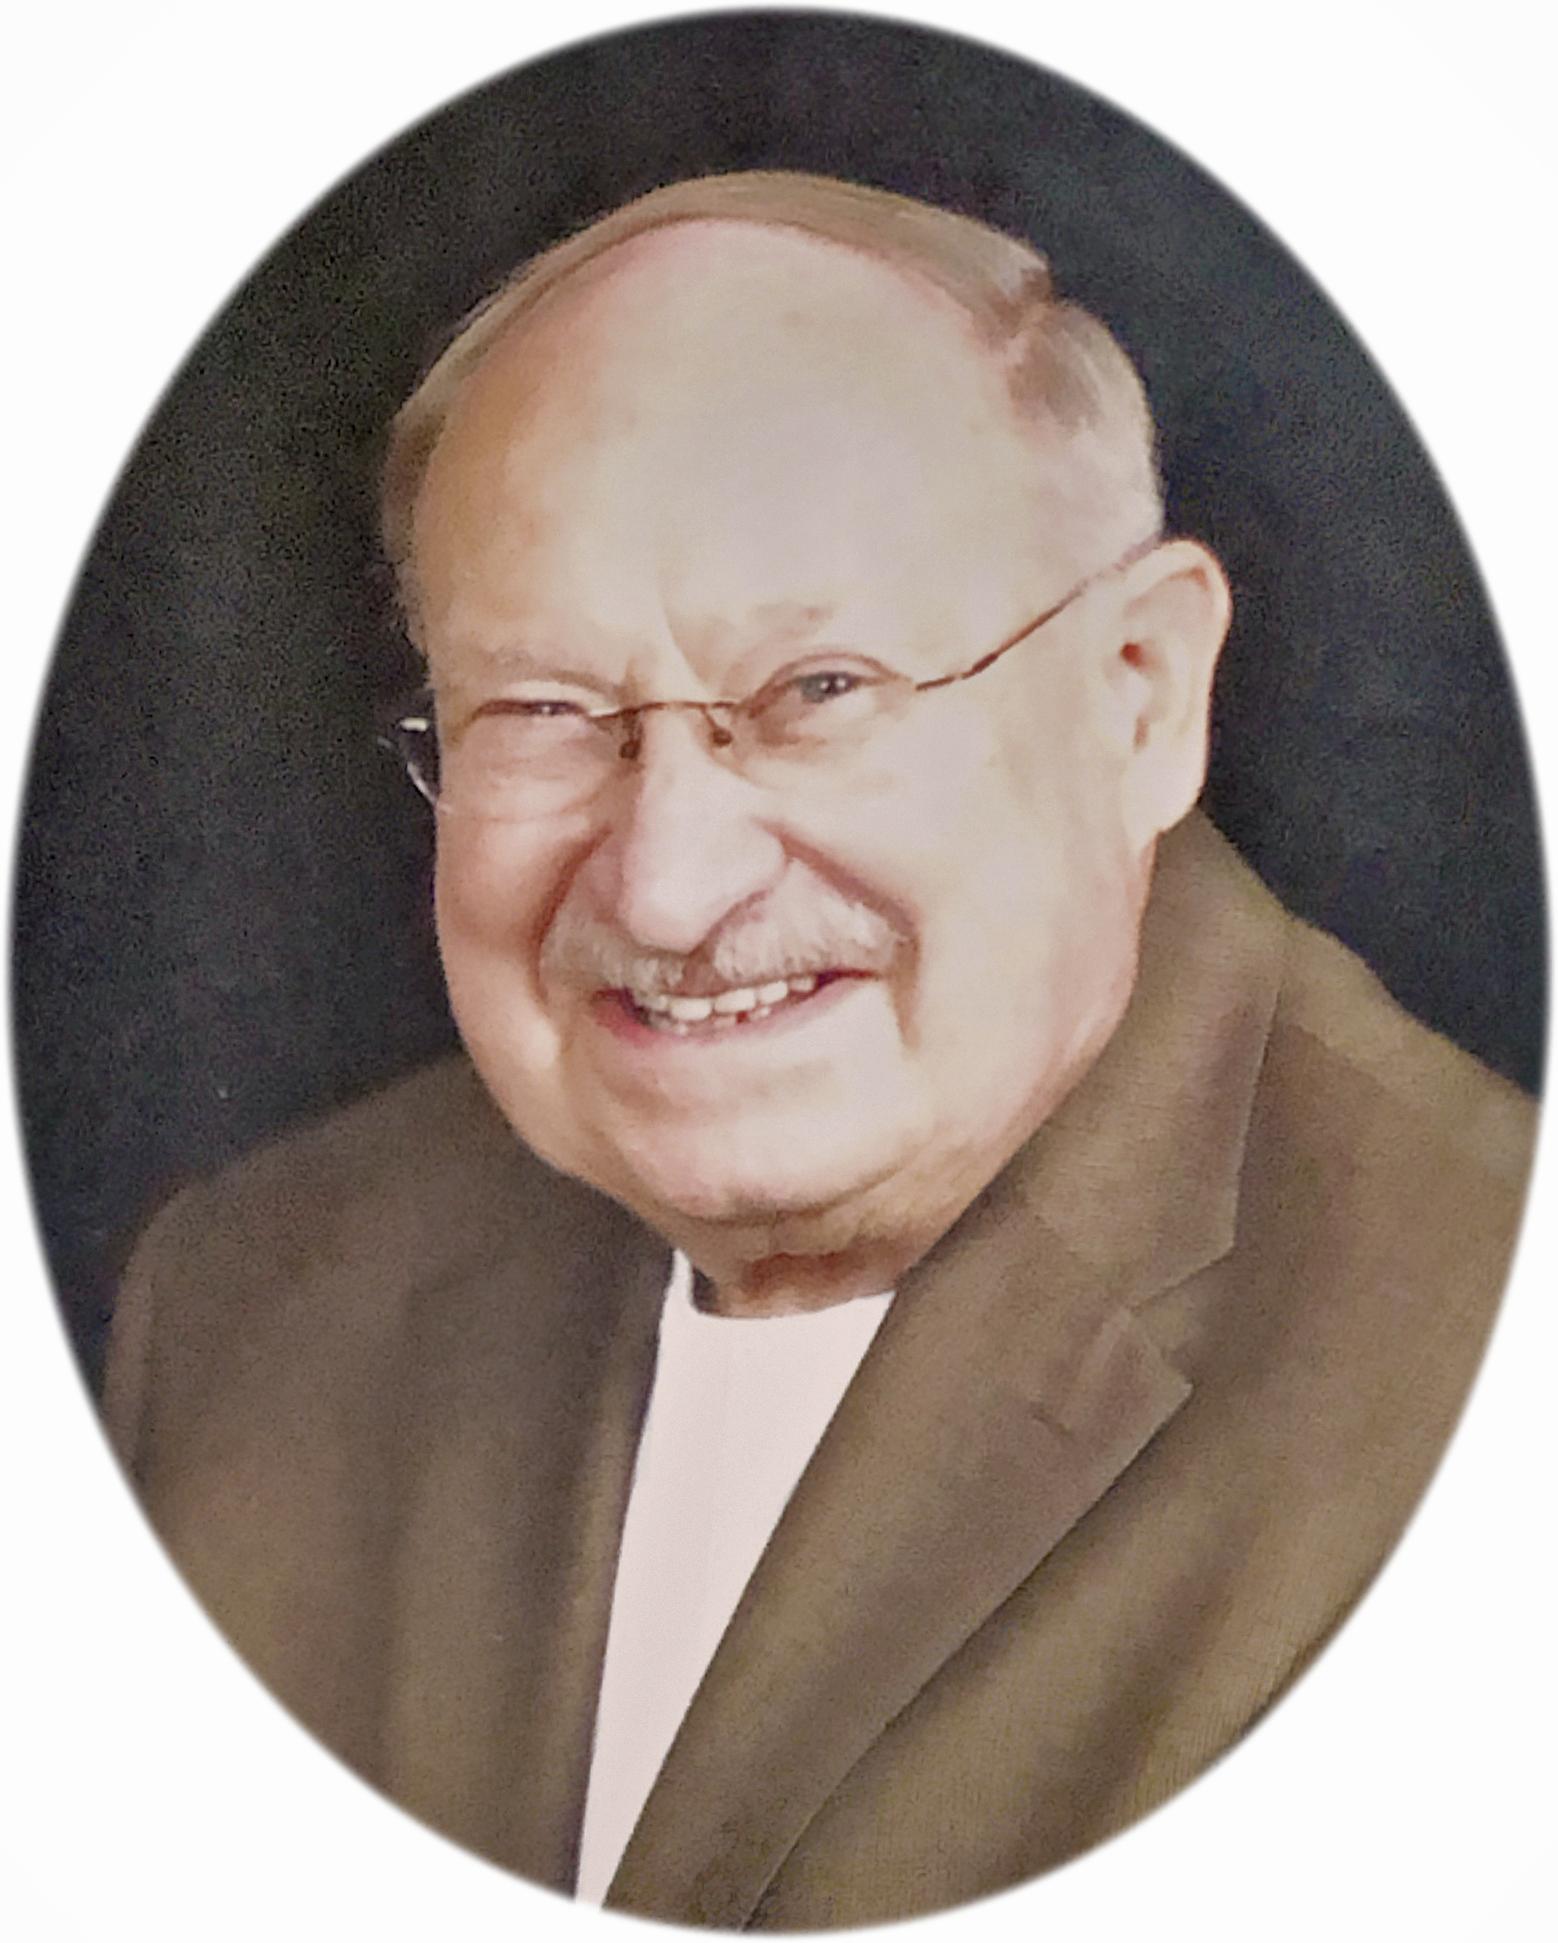 Charles A. Prai